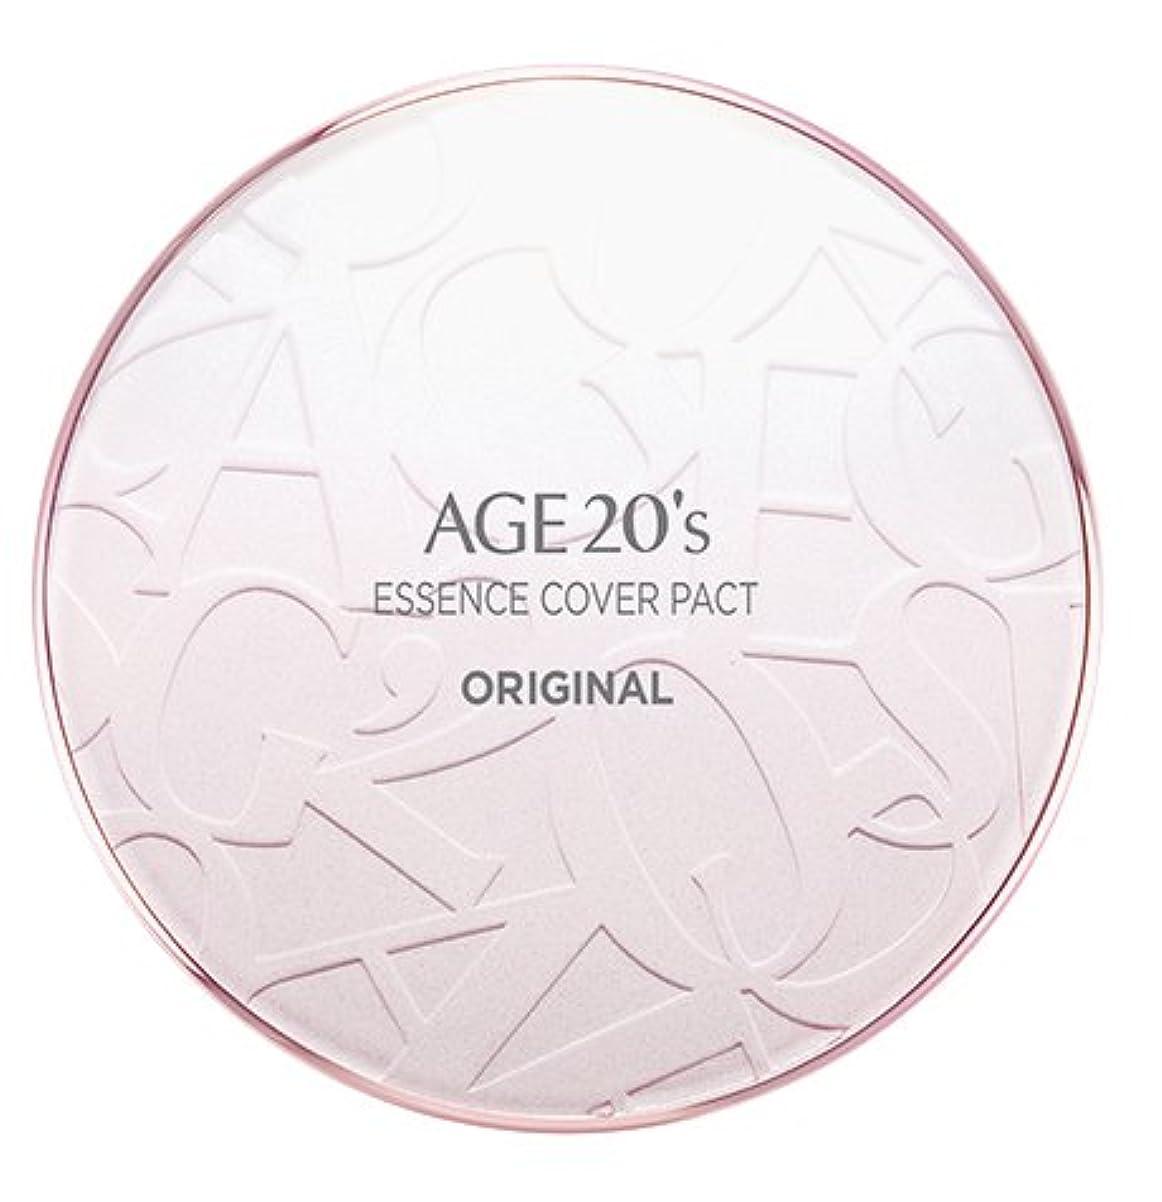 くしゃくしゃ百科事典献身AGE 20's Essence Cover Pact Original [Pink Latte] 12.5g + Refill 12.5g (#21)/エイジ 20's エッセンス カバー パクト オリジナル [ピンクラテ...